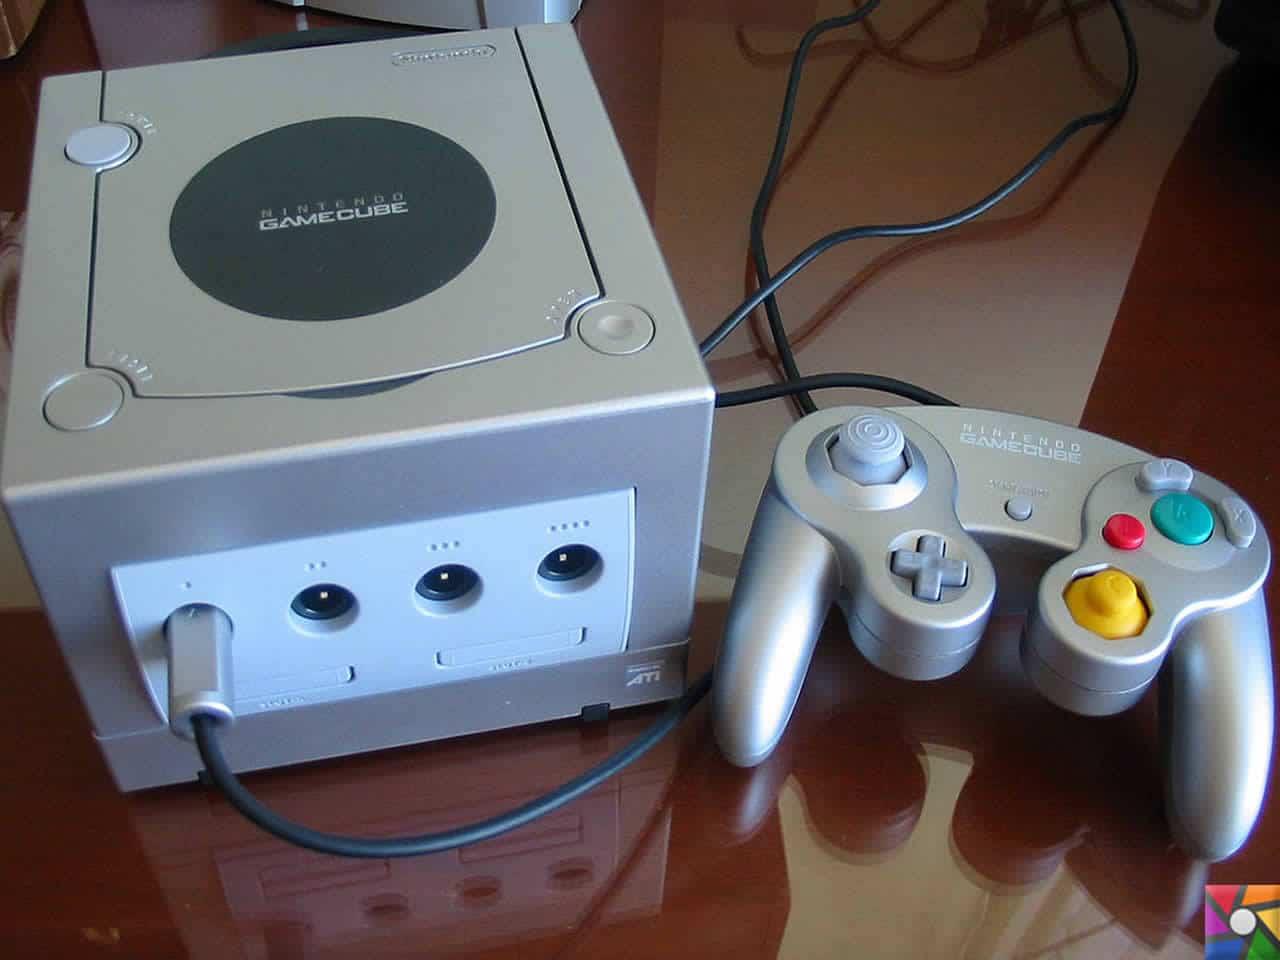 nintendonun-son-40-yilda-cikarttigi-oyun-konsollari-game.